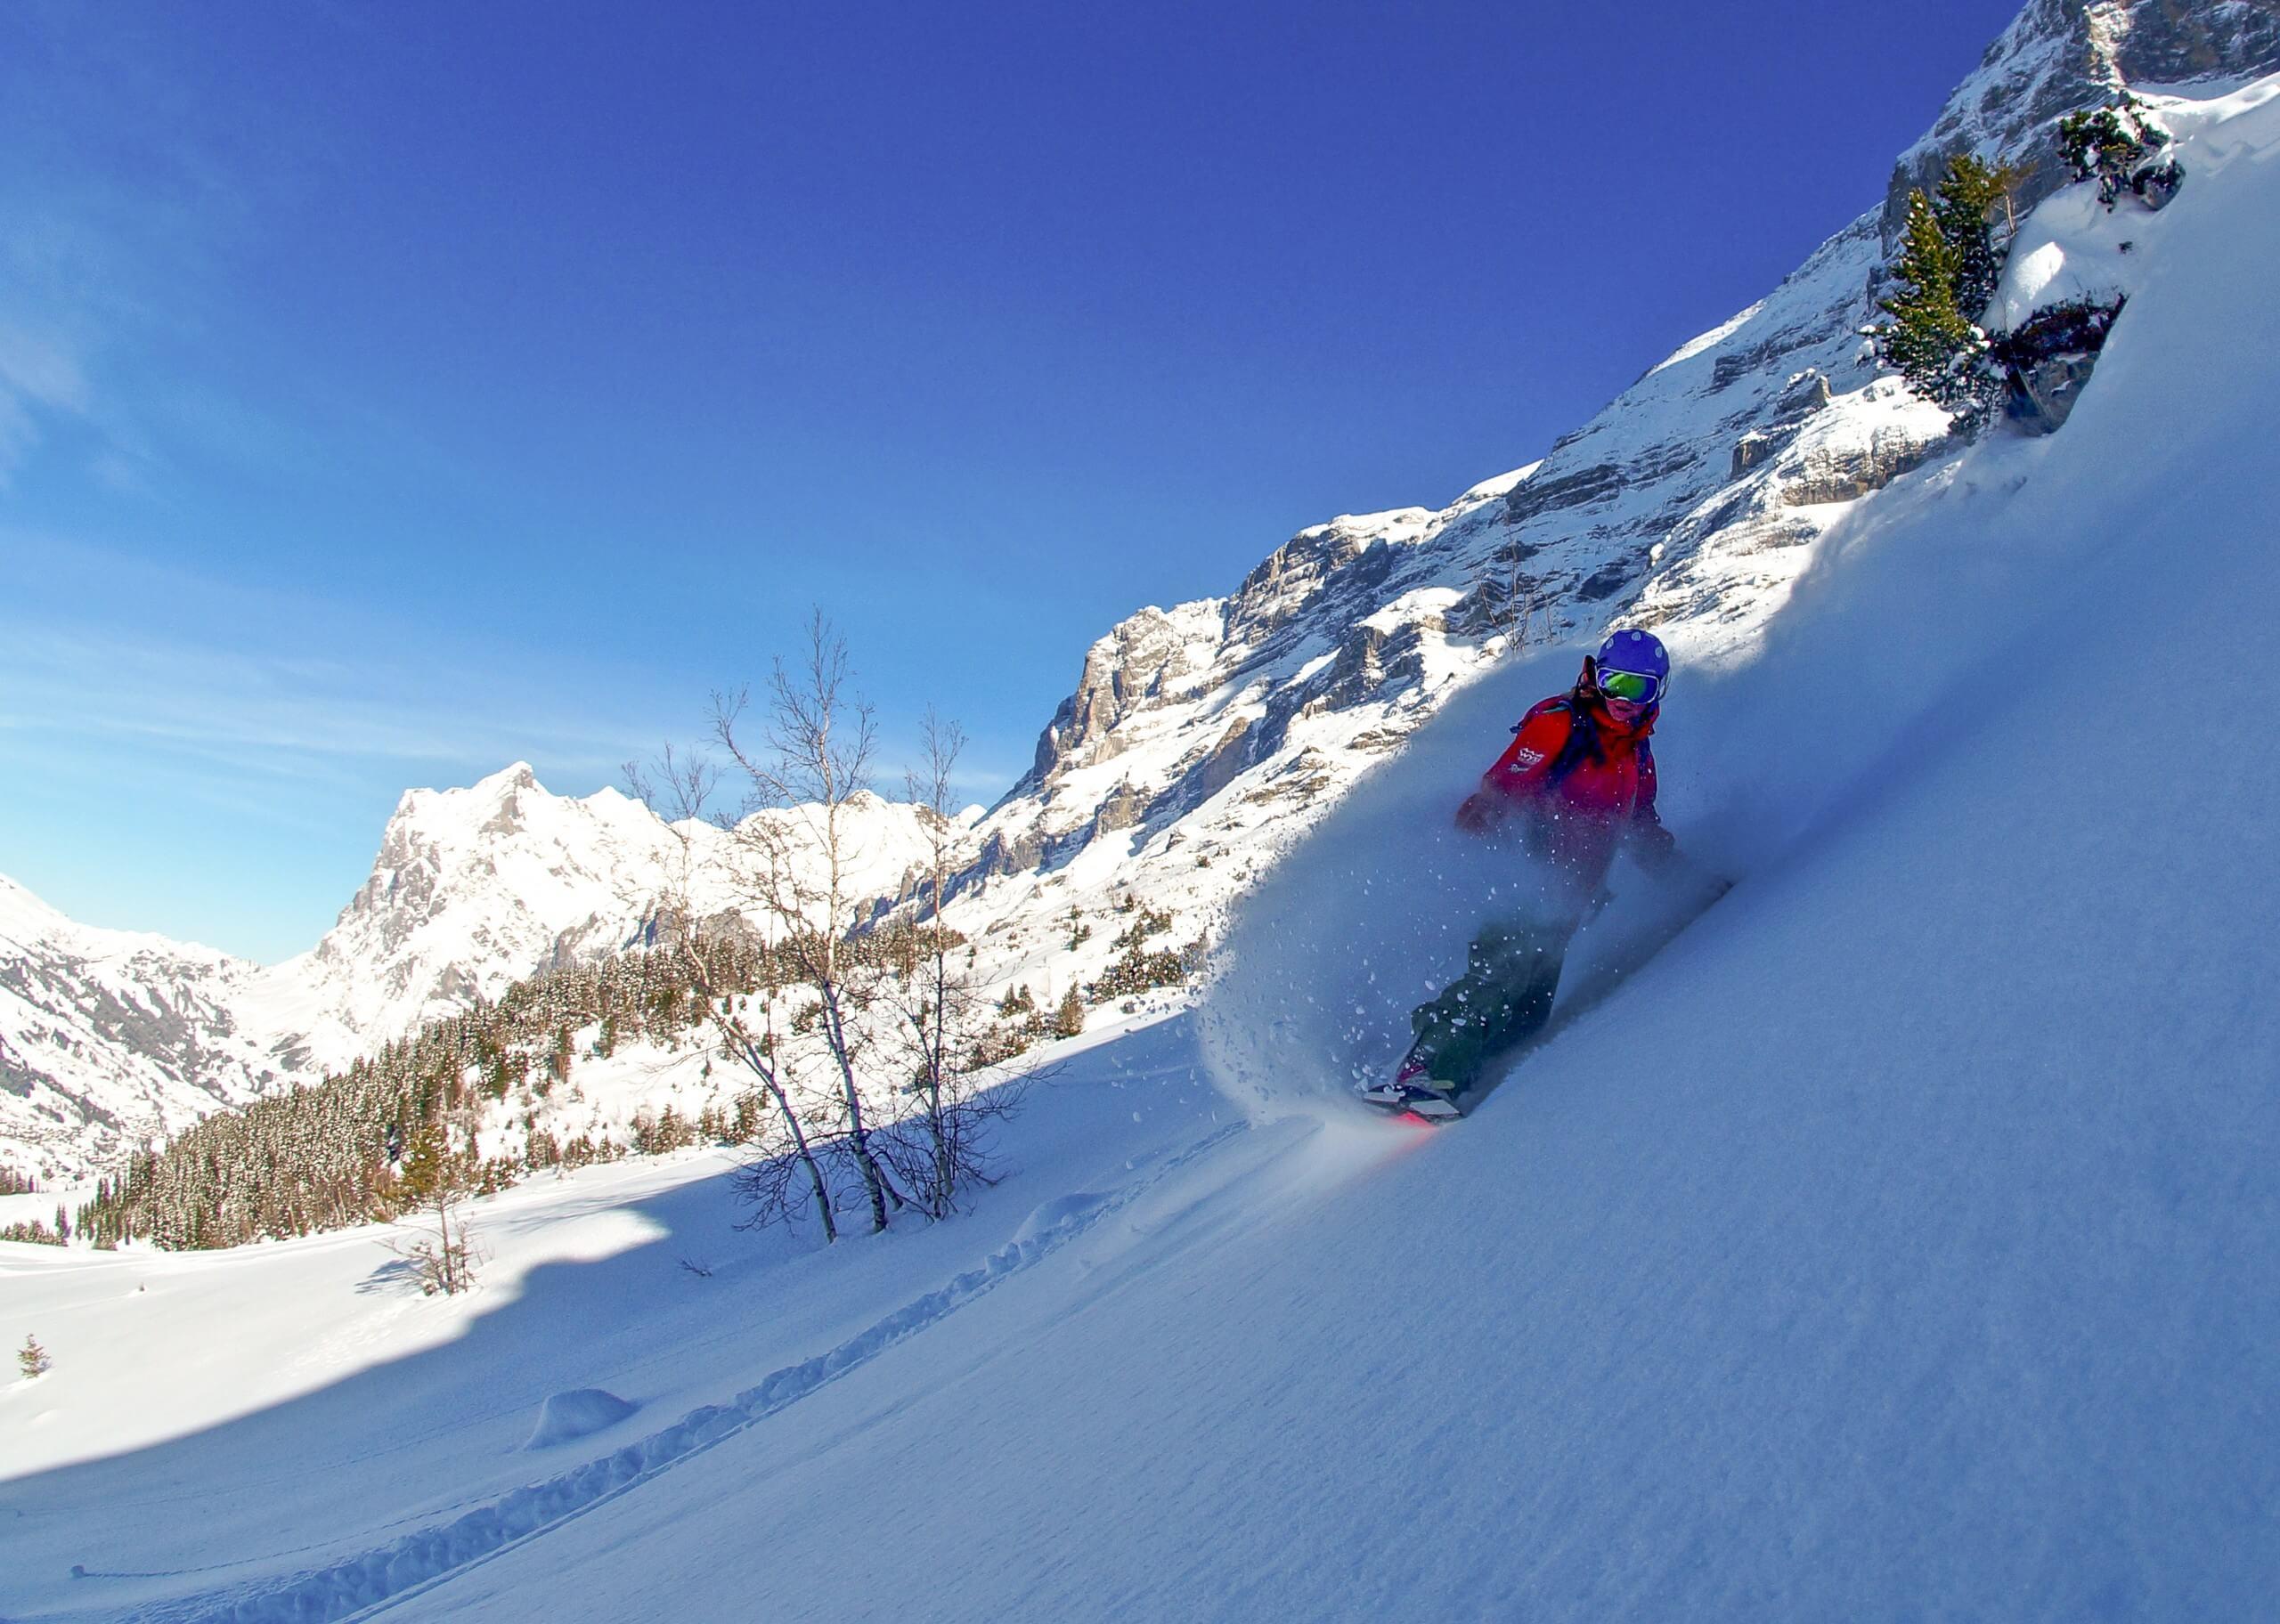 schweizer-skischule-interlaken-kleine-scheidegg-winter-offpist-snowboard